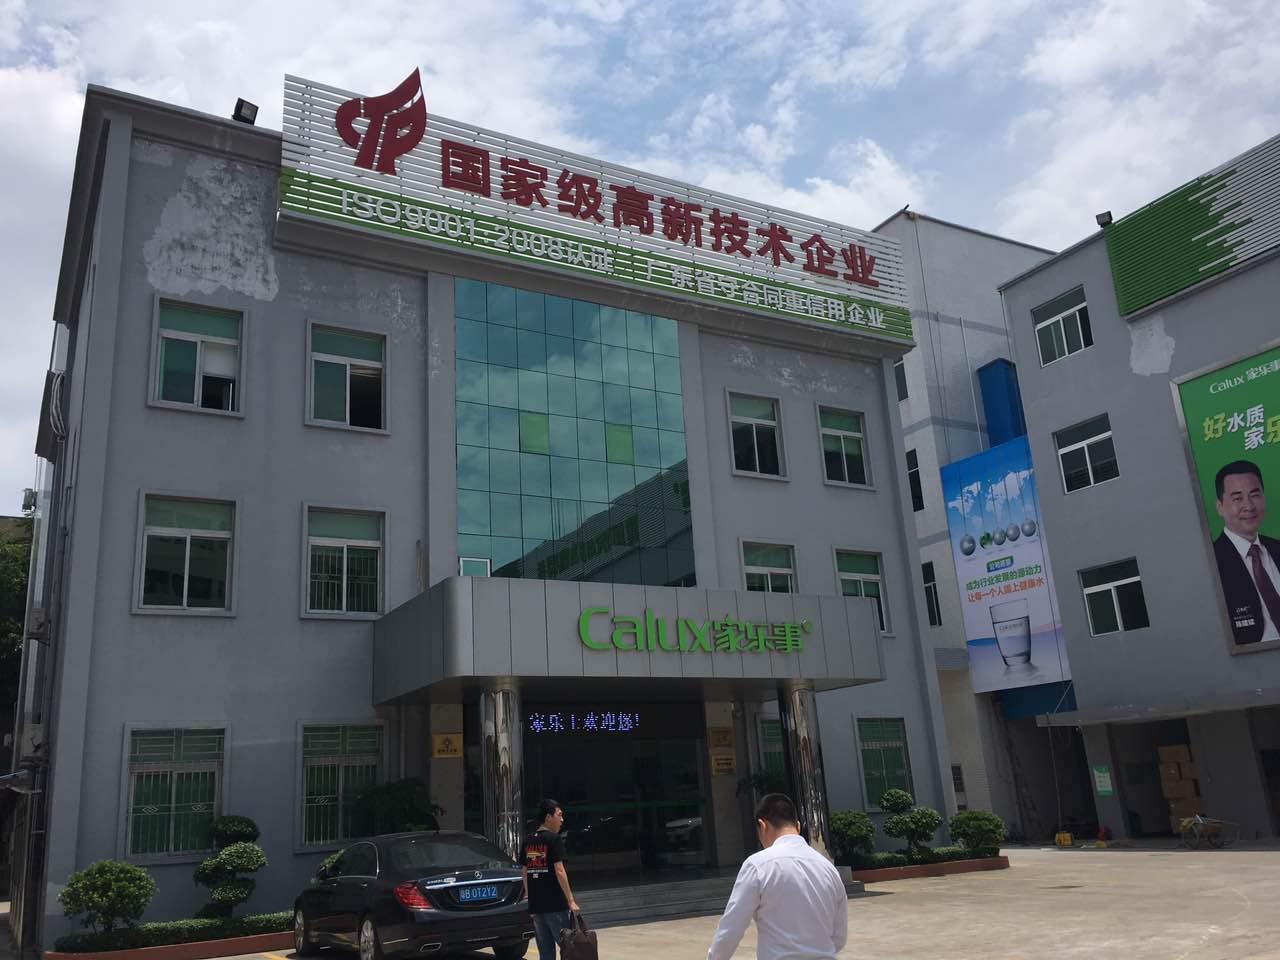 深圳家樂士凈水科技有限公司